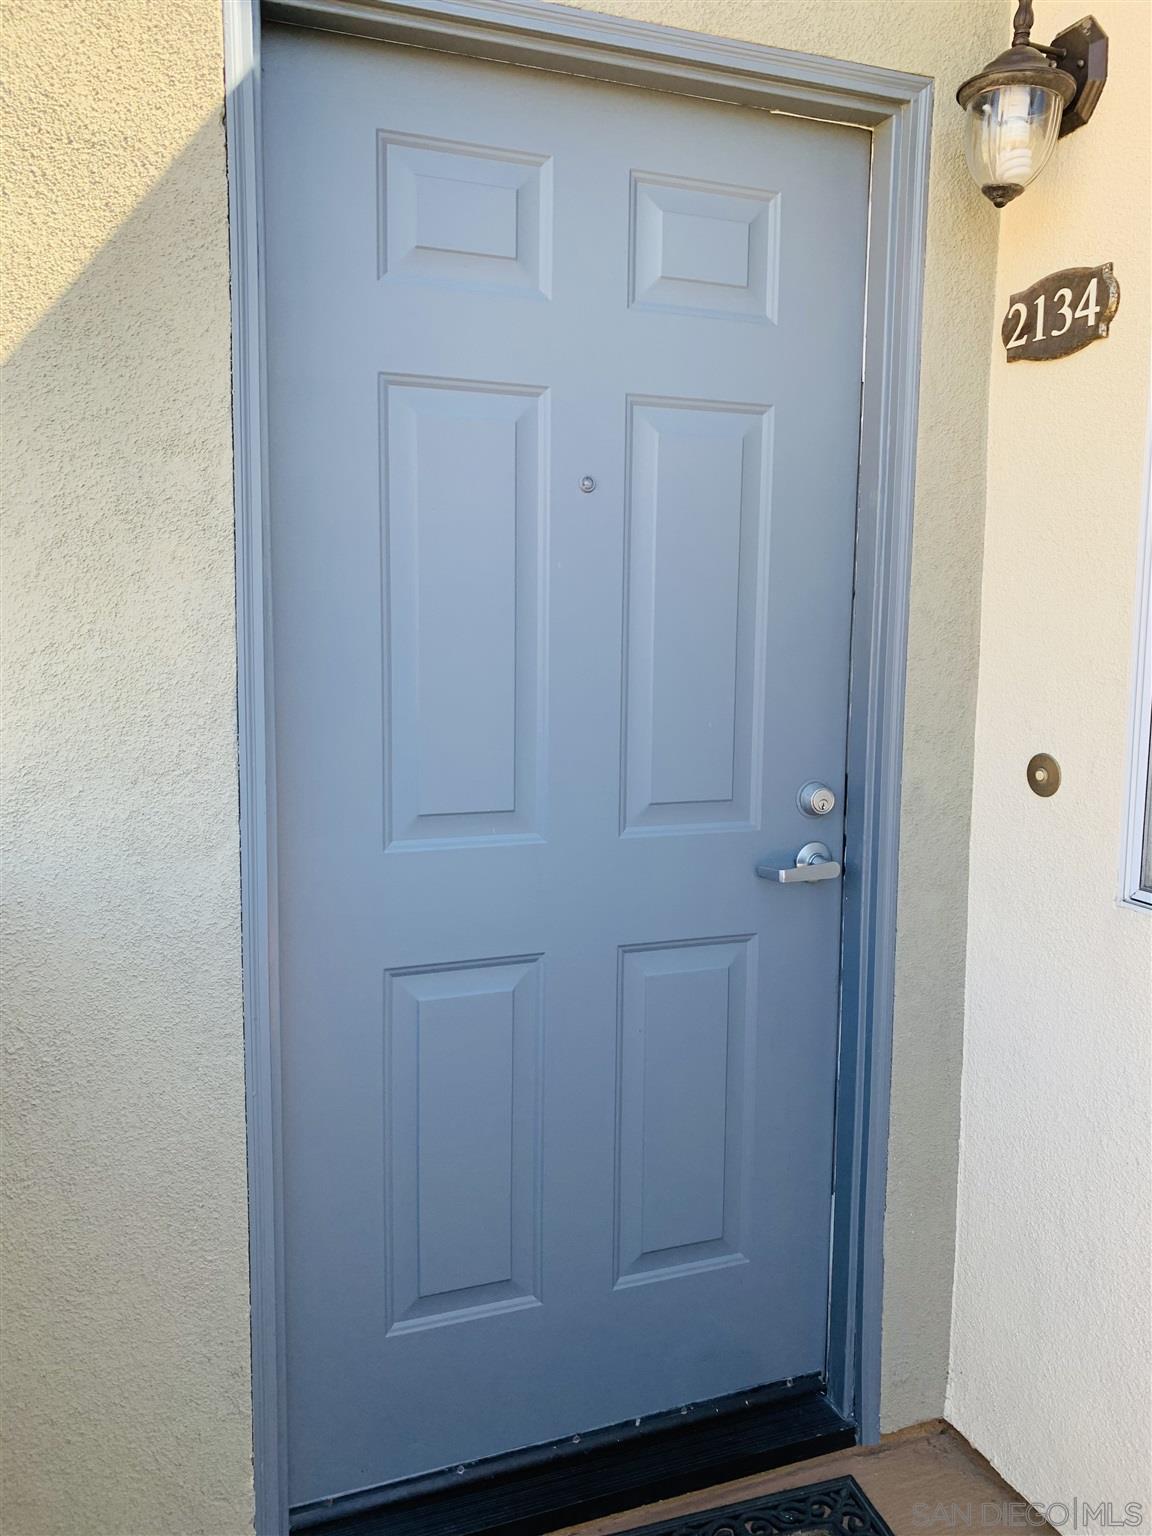 1880 Aubrives Place 2134, Chula Vista, CA 91913